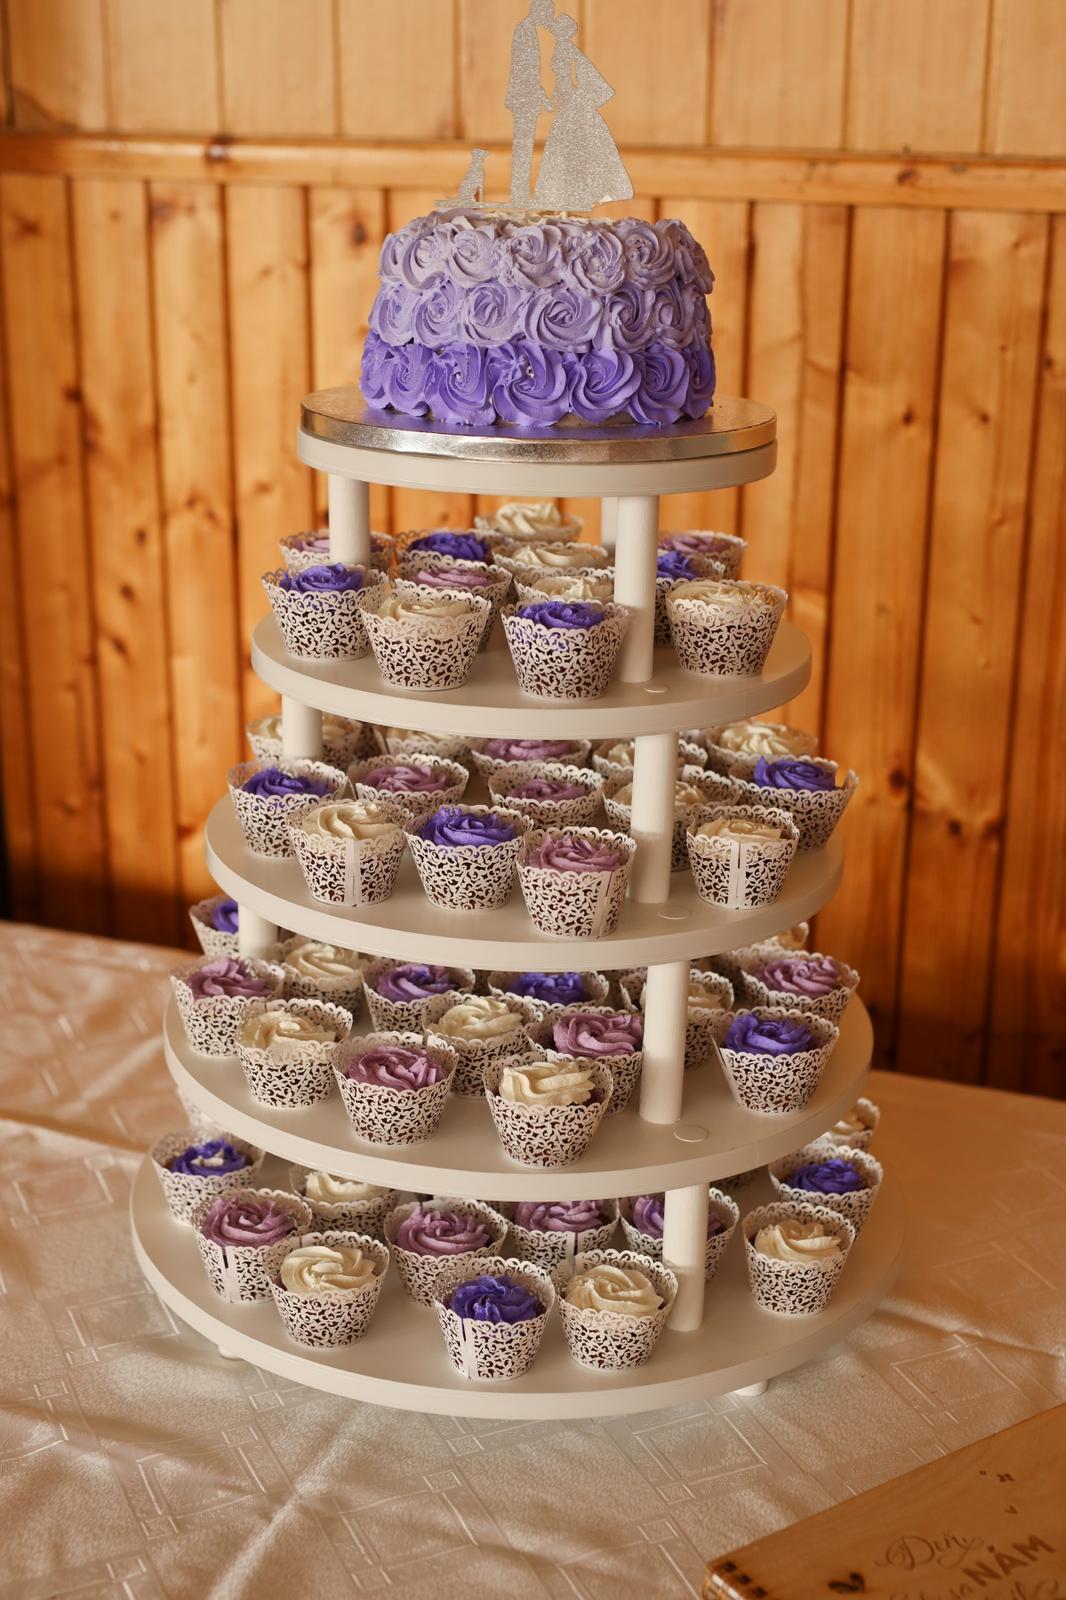 Stojan na tortu a muffiny (cupcake) - prenájom - Obrázok č. 1